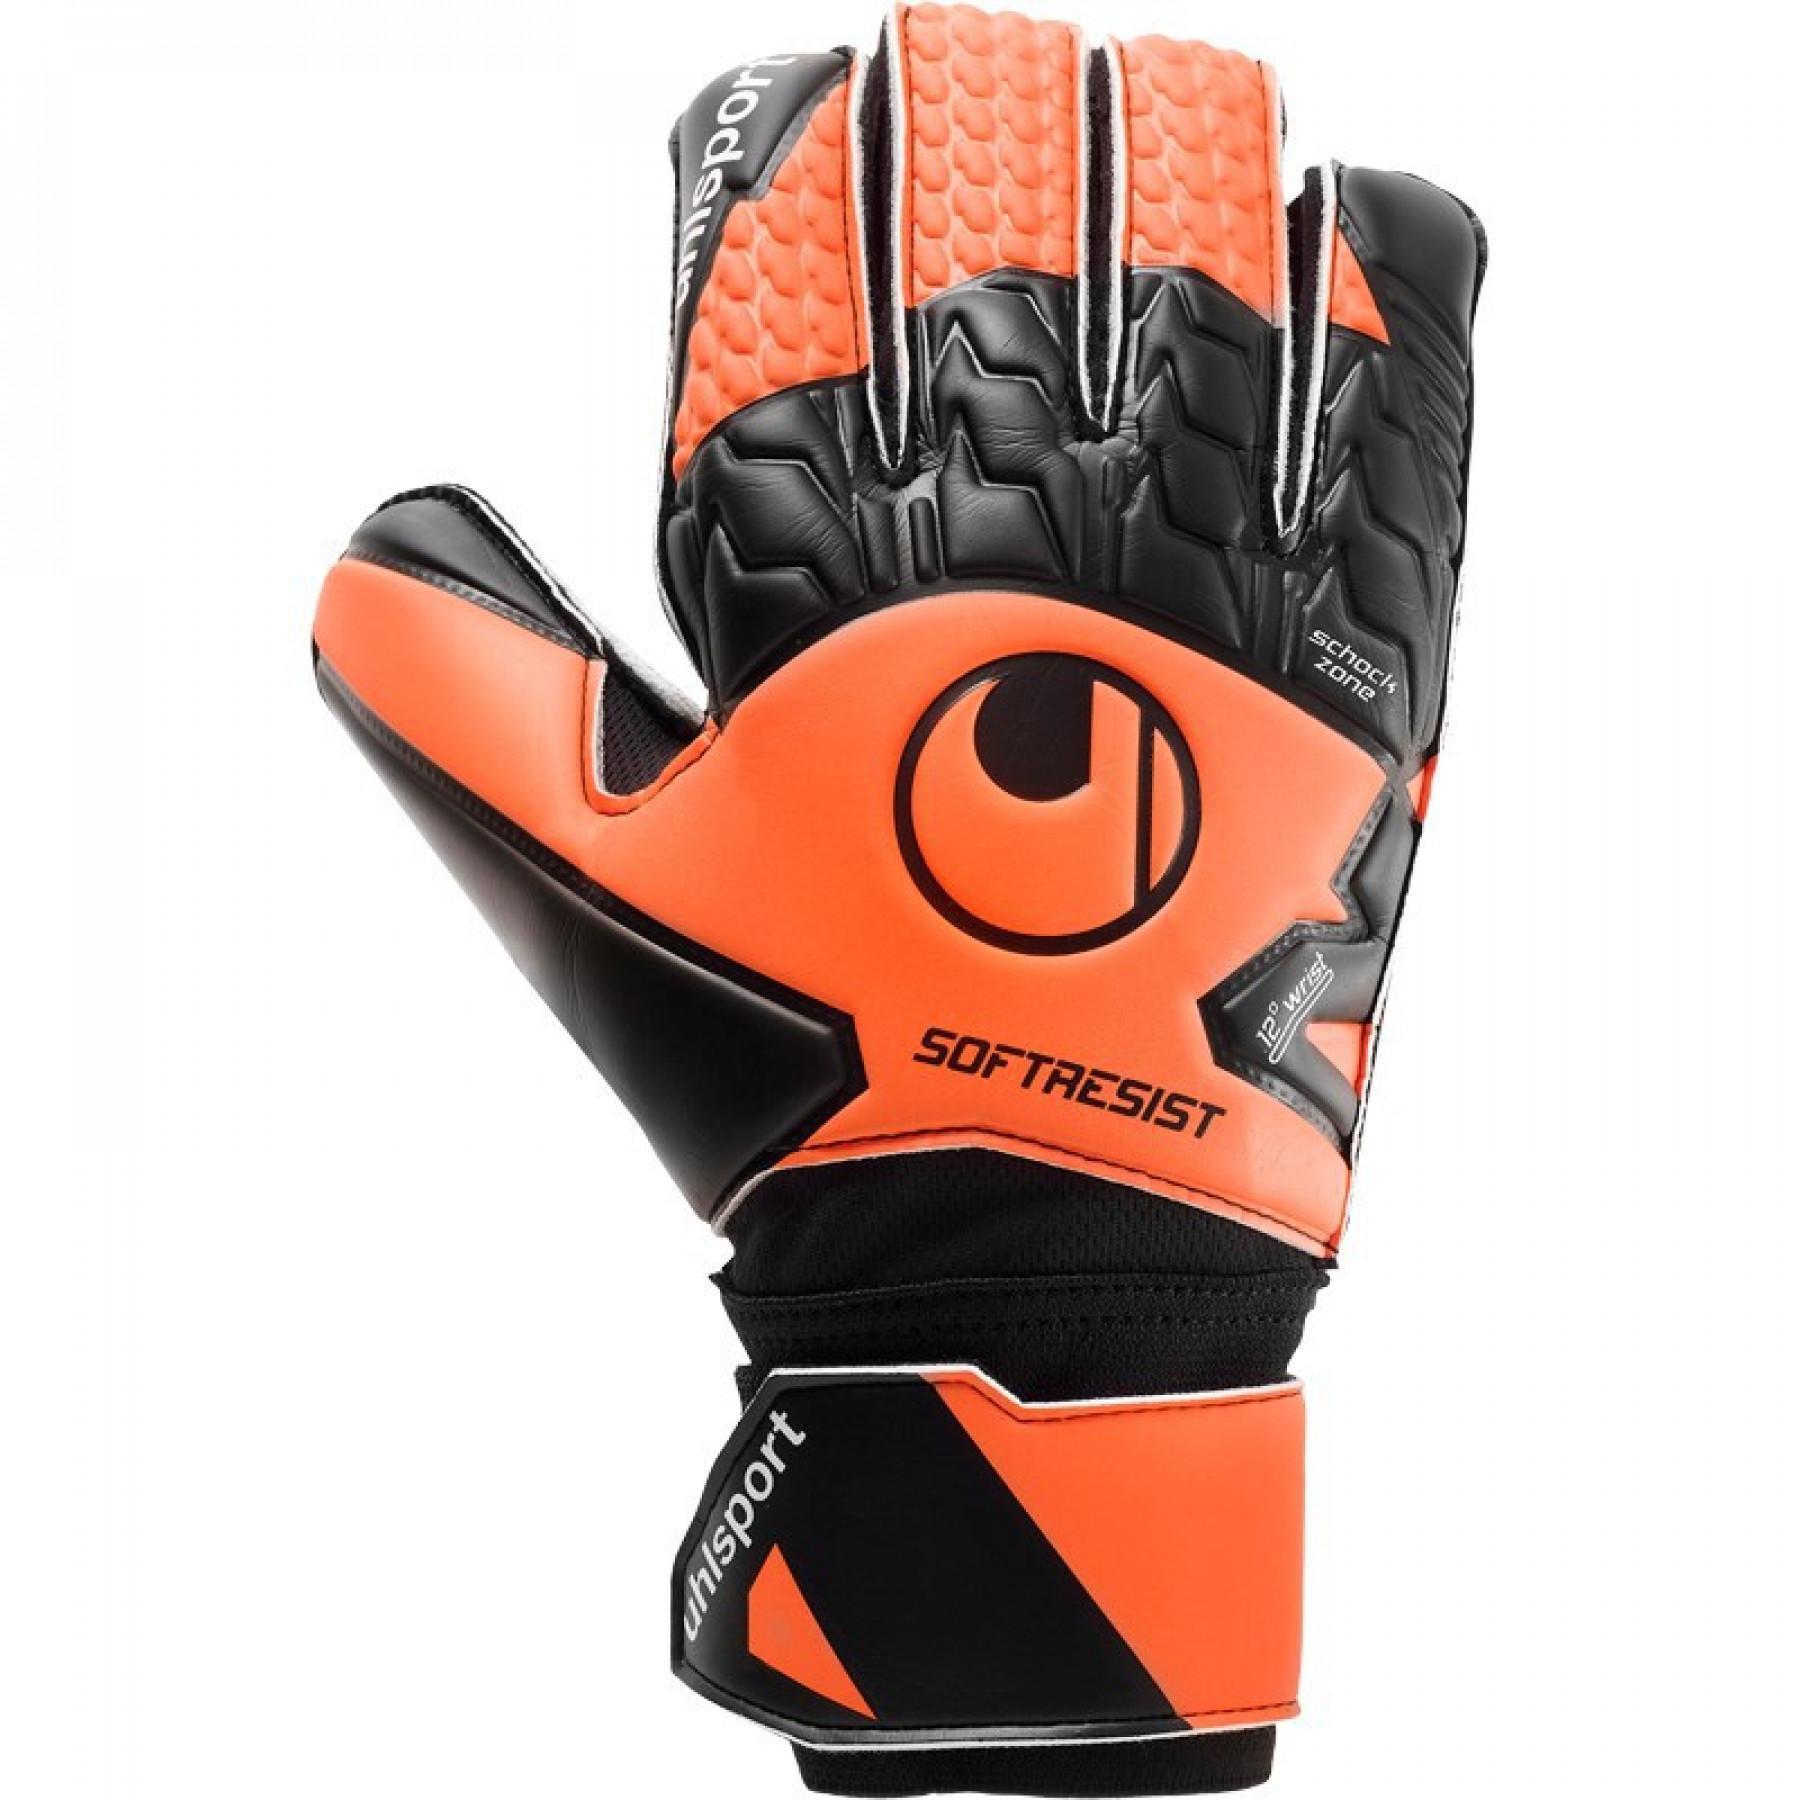 Uhlsport Soft Resist Goalie-Handschuhe